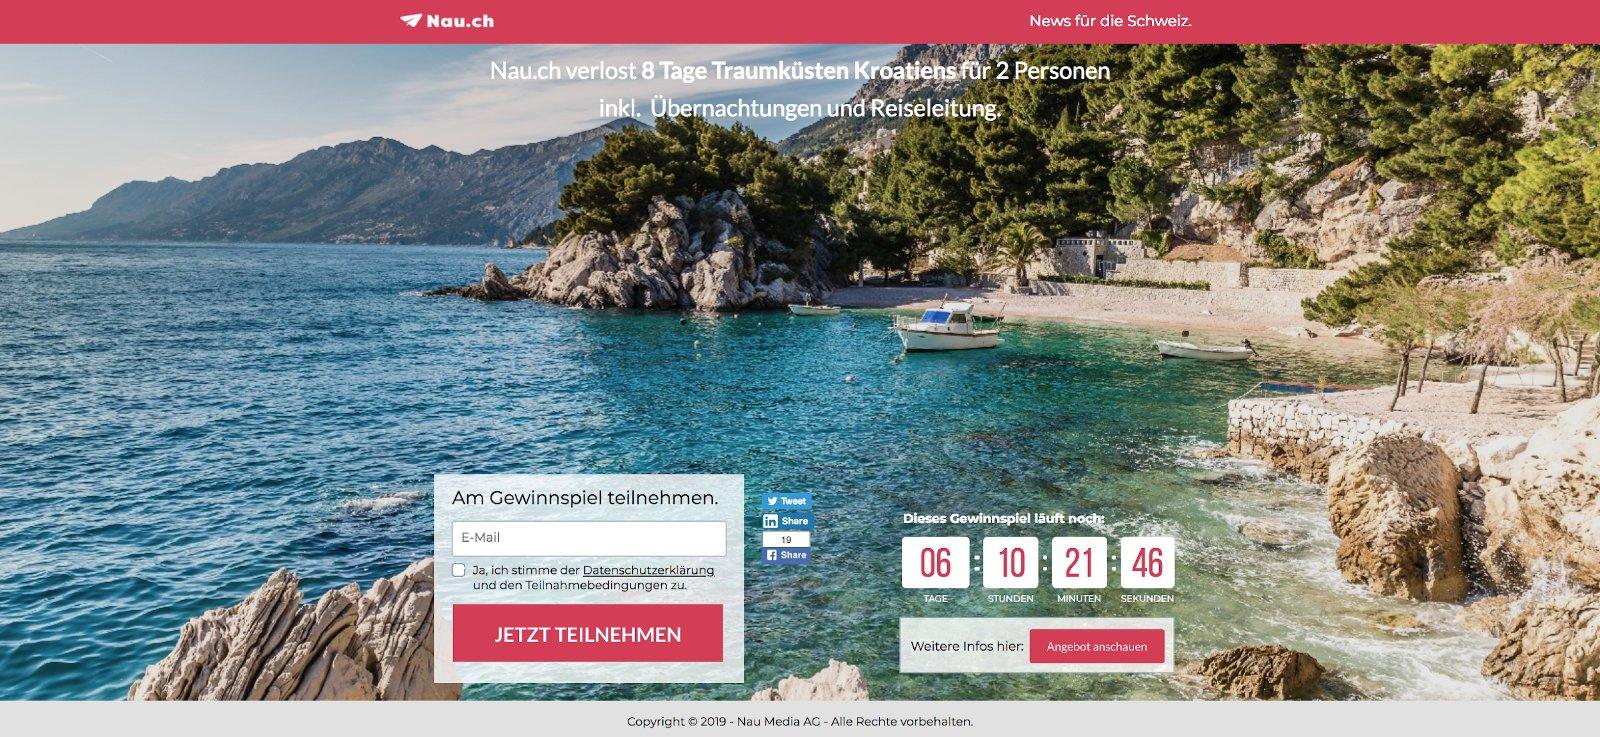 Schweizer News Portal Nau.ch: Auktion des Nachlasses von Pierre Brice bringt 170'000 CHF ein